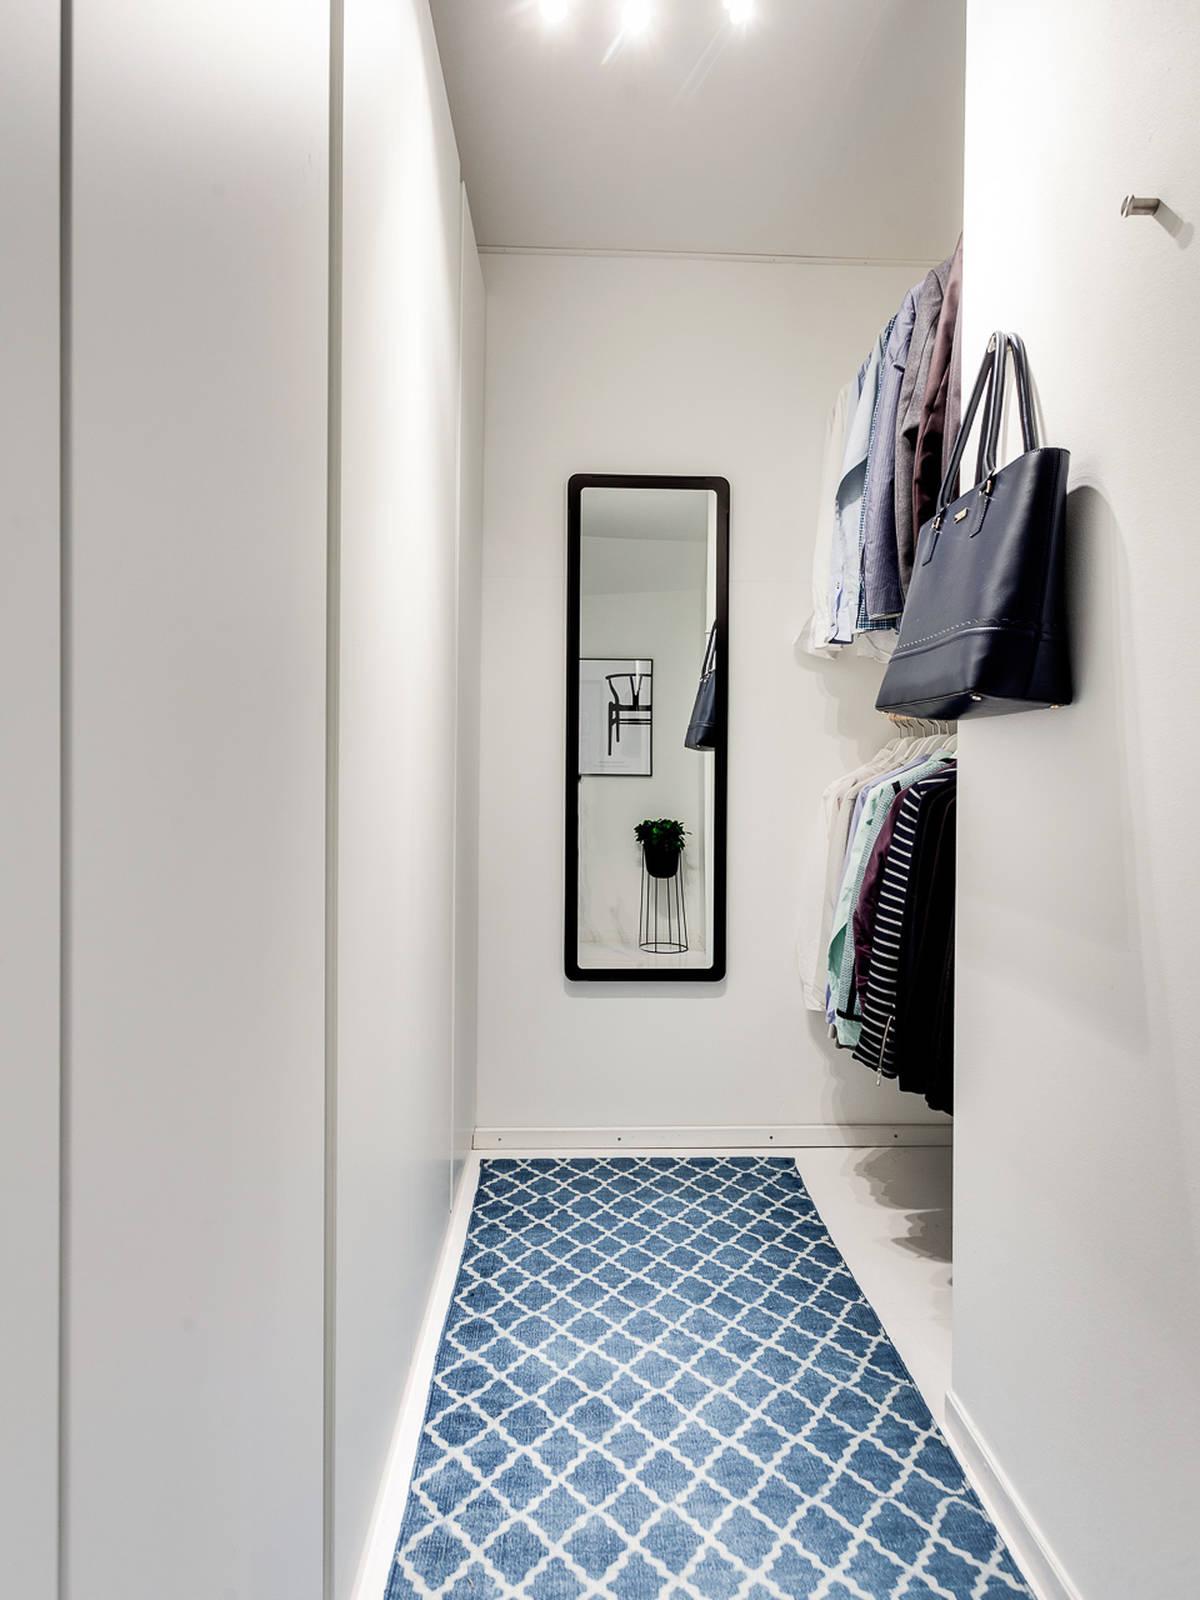 Kleines wohnzimmer modern einrichten: kleine raeume einrichten ...